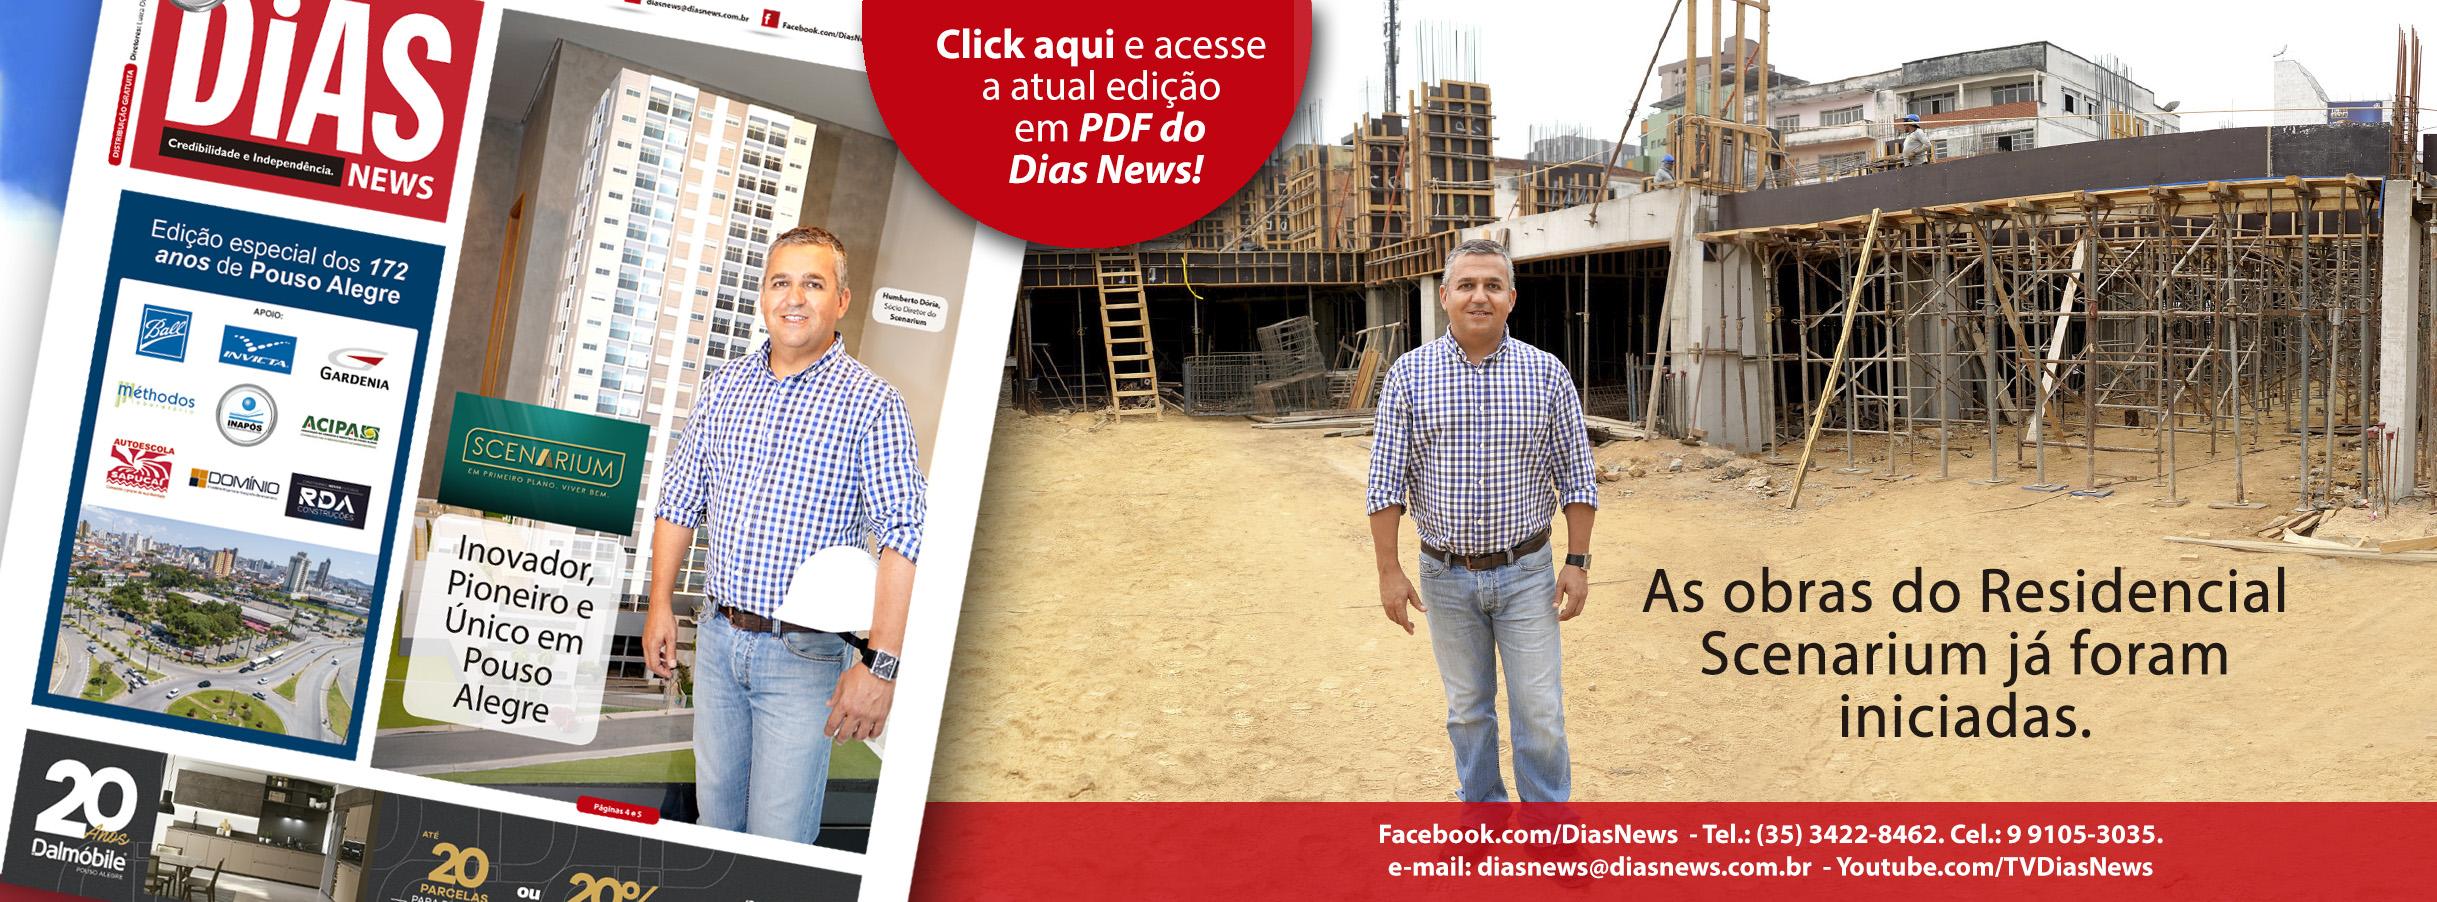 Folha de Rosto do Site www.diasnews.com.br